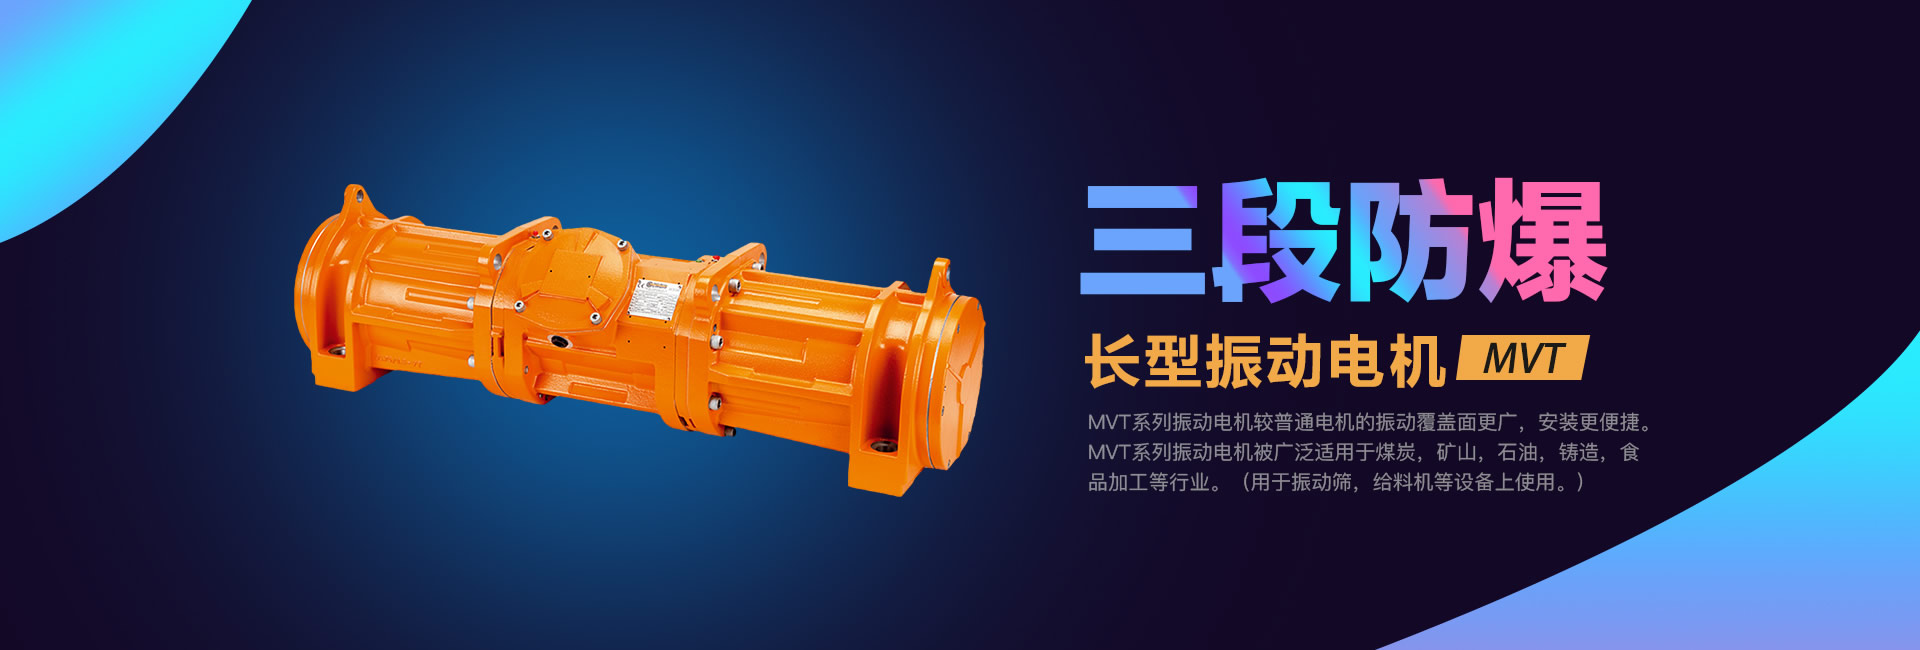 MVT系列三段防爆振动电机